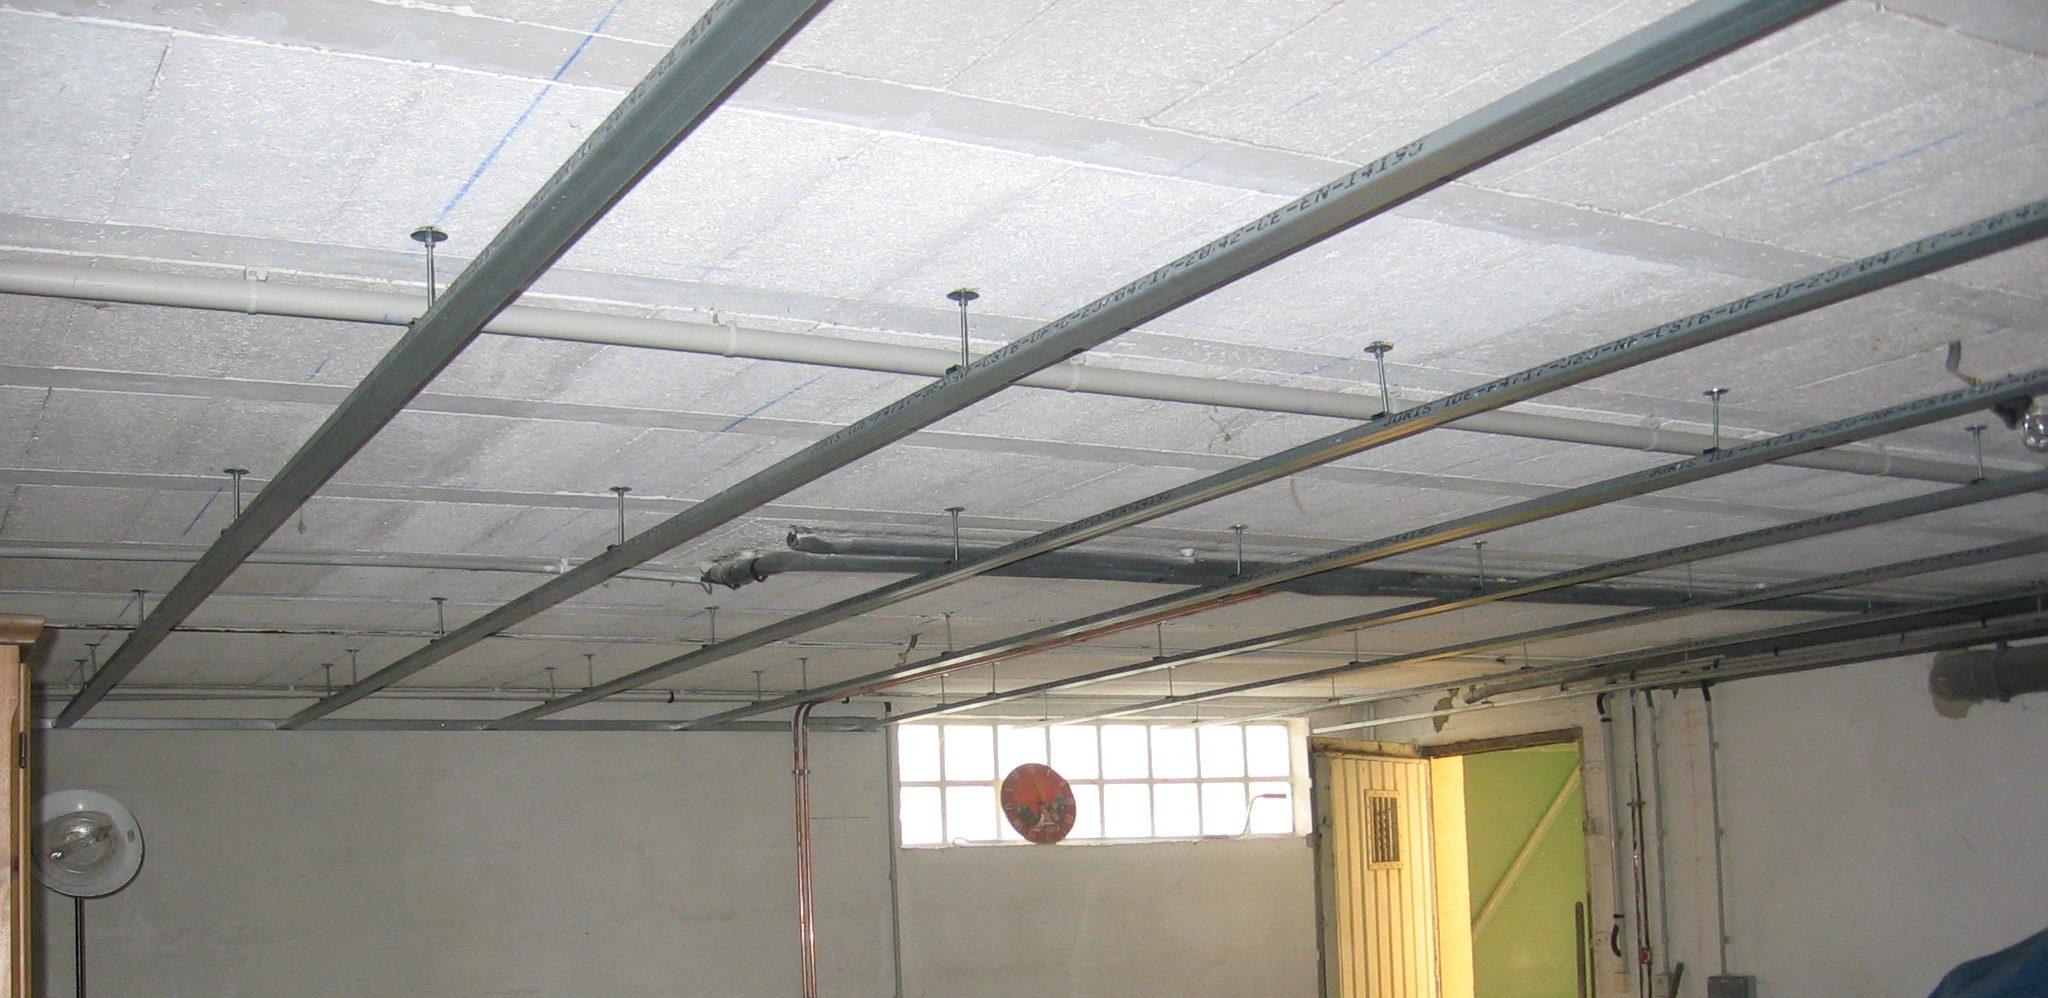 Crédit d'impôts Certificats d'économies d'énergie Isolation plancher Isolation plafond Isolation acoustique Isolation phonique